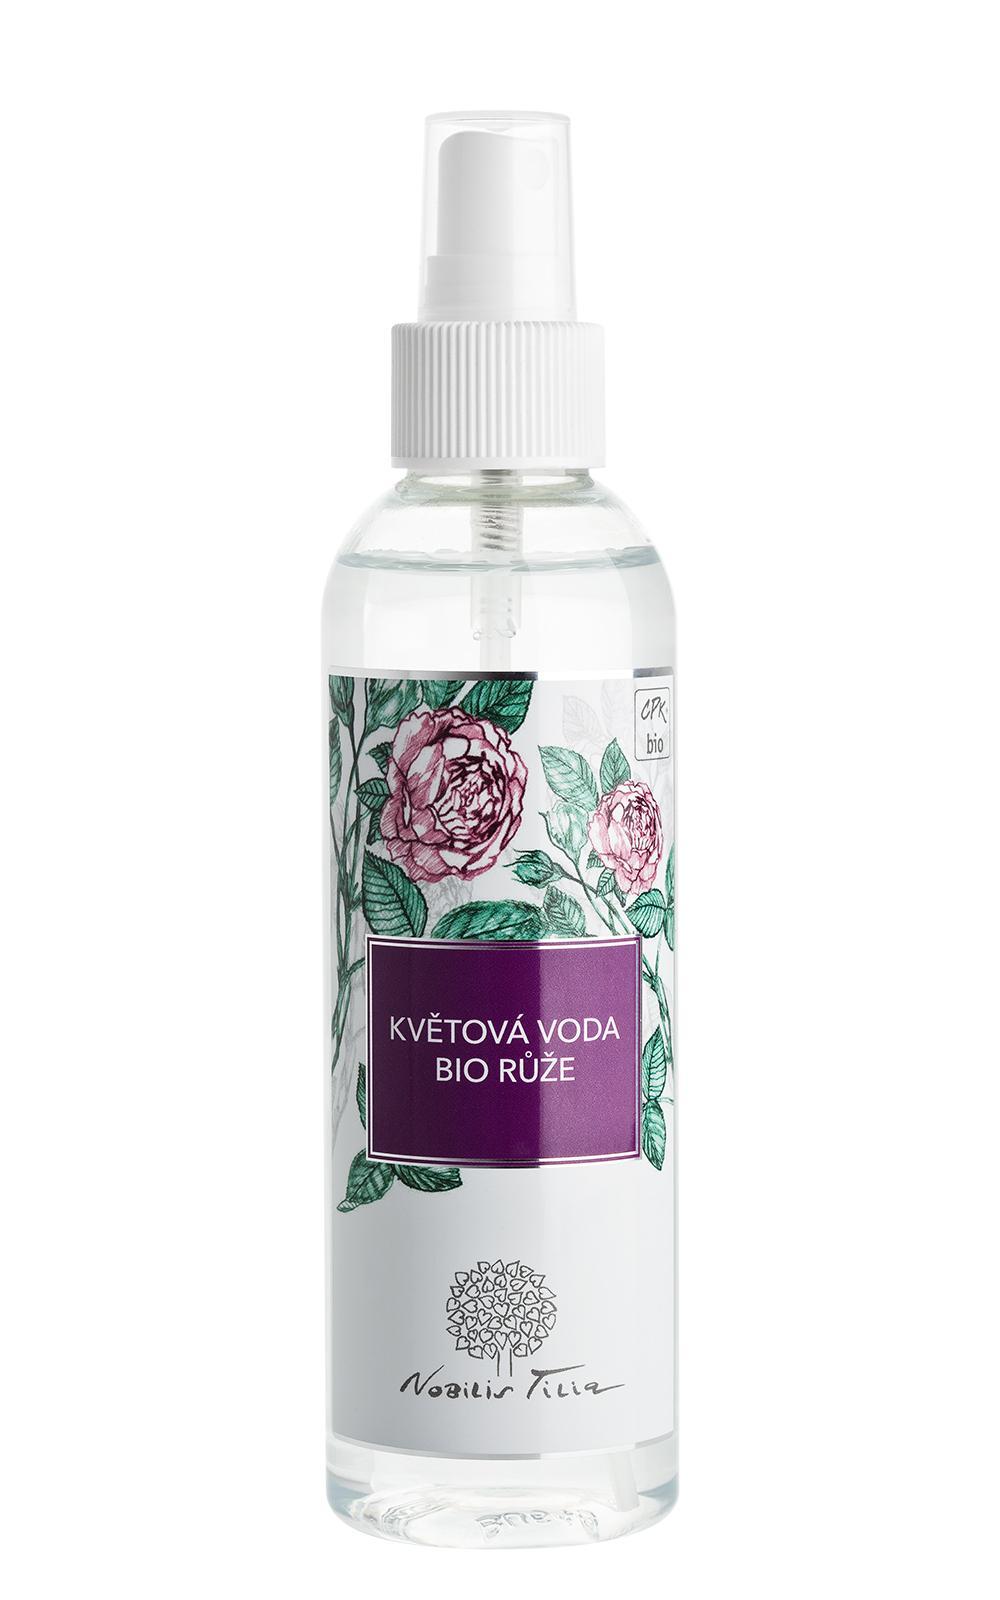 Květová voda BIO Růže: 200 ml plast